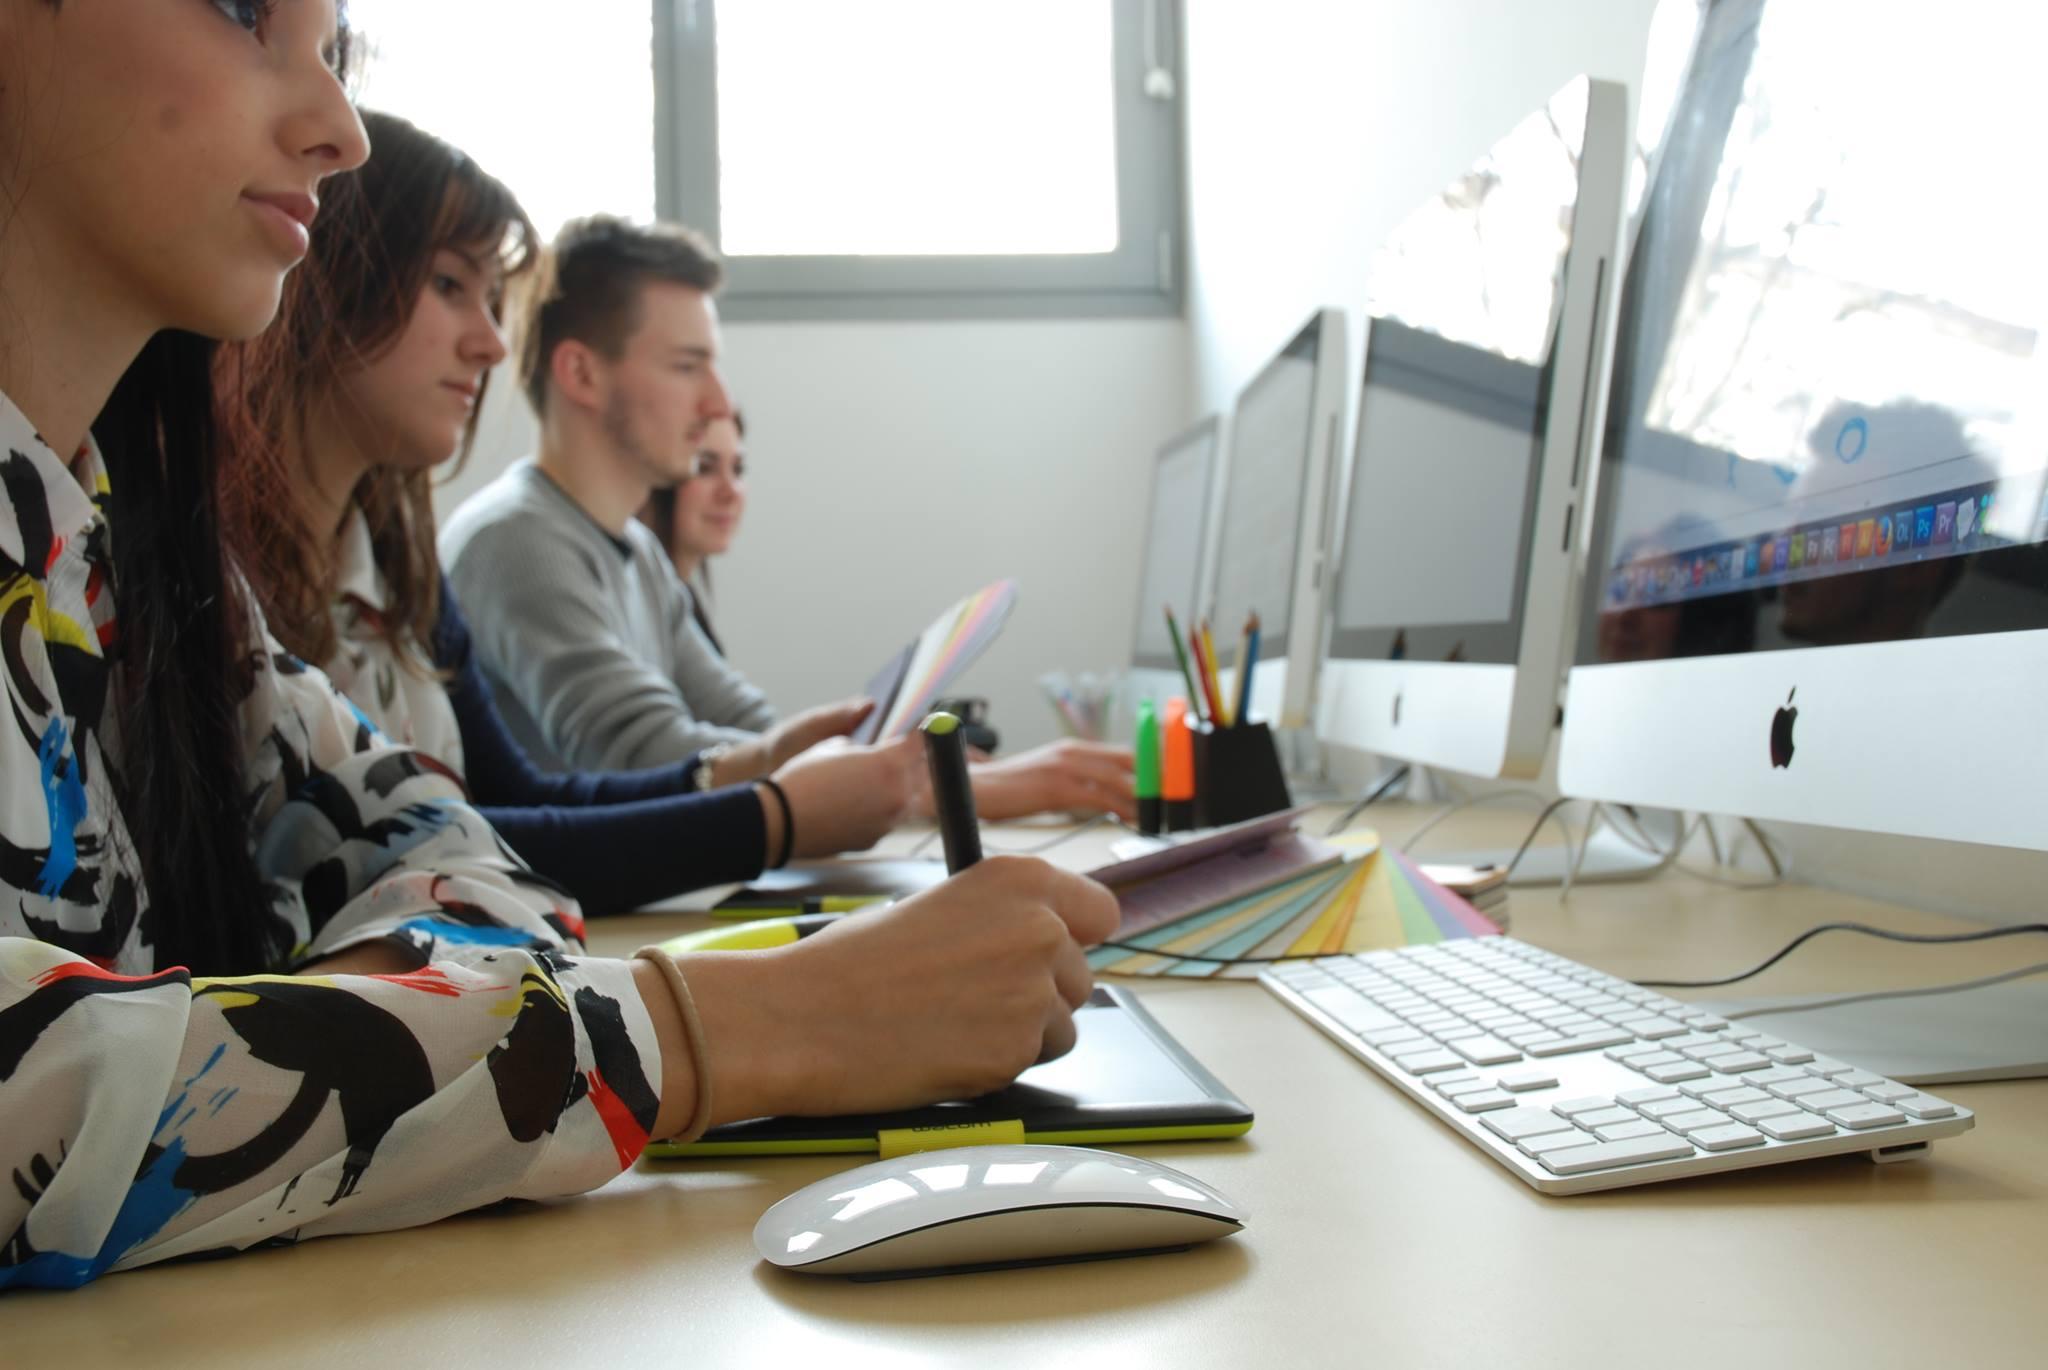 Corso di Grafica e Web Design Vicenza